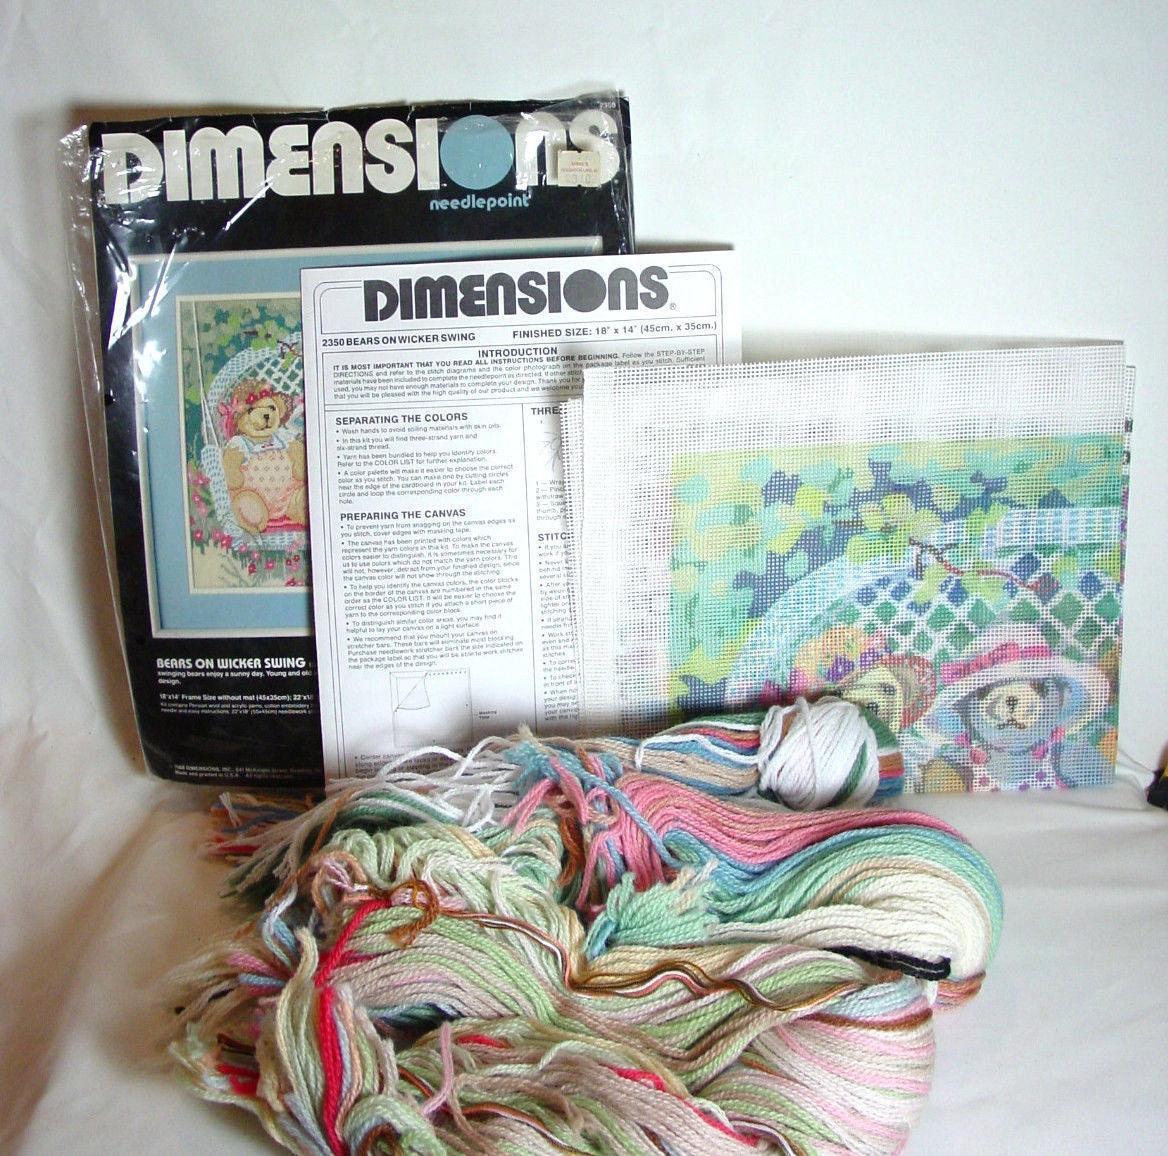 Dimensions Needlepoint Kit 2350  By Dawna Barton Bears on wicker Swing open 1988